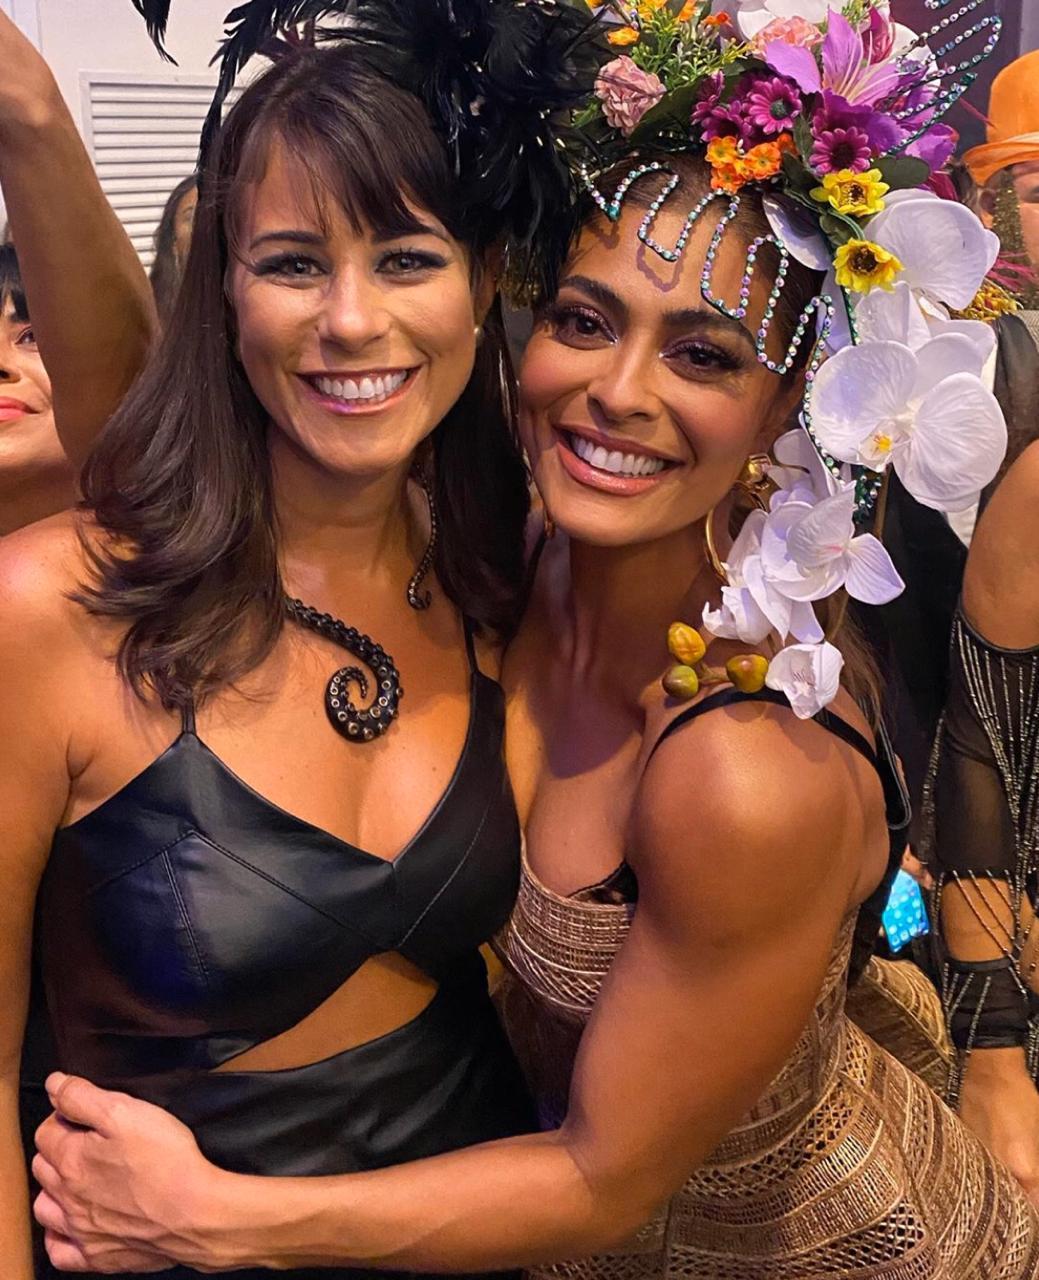 Resultado de imagem para jessica senra baile da vogue 2020